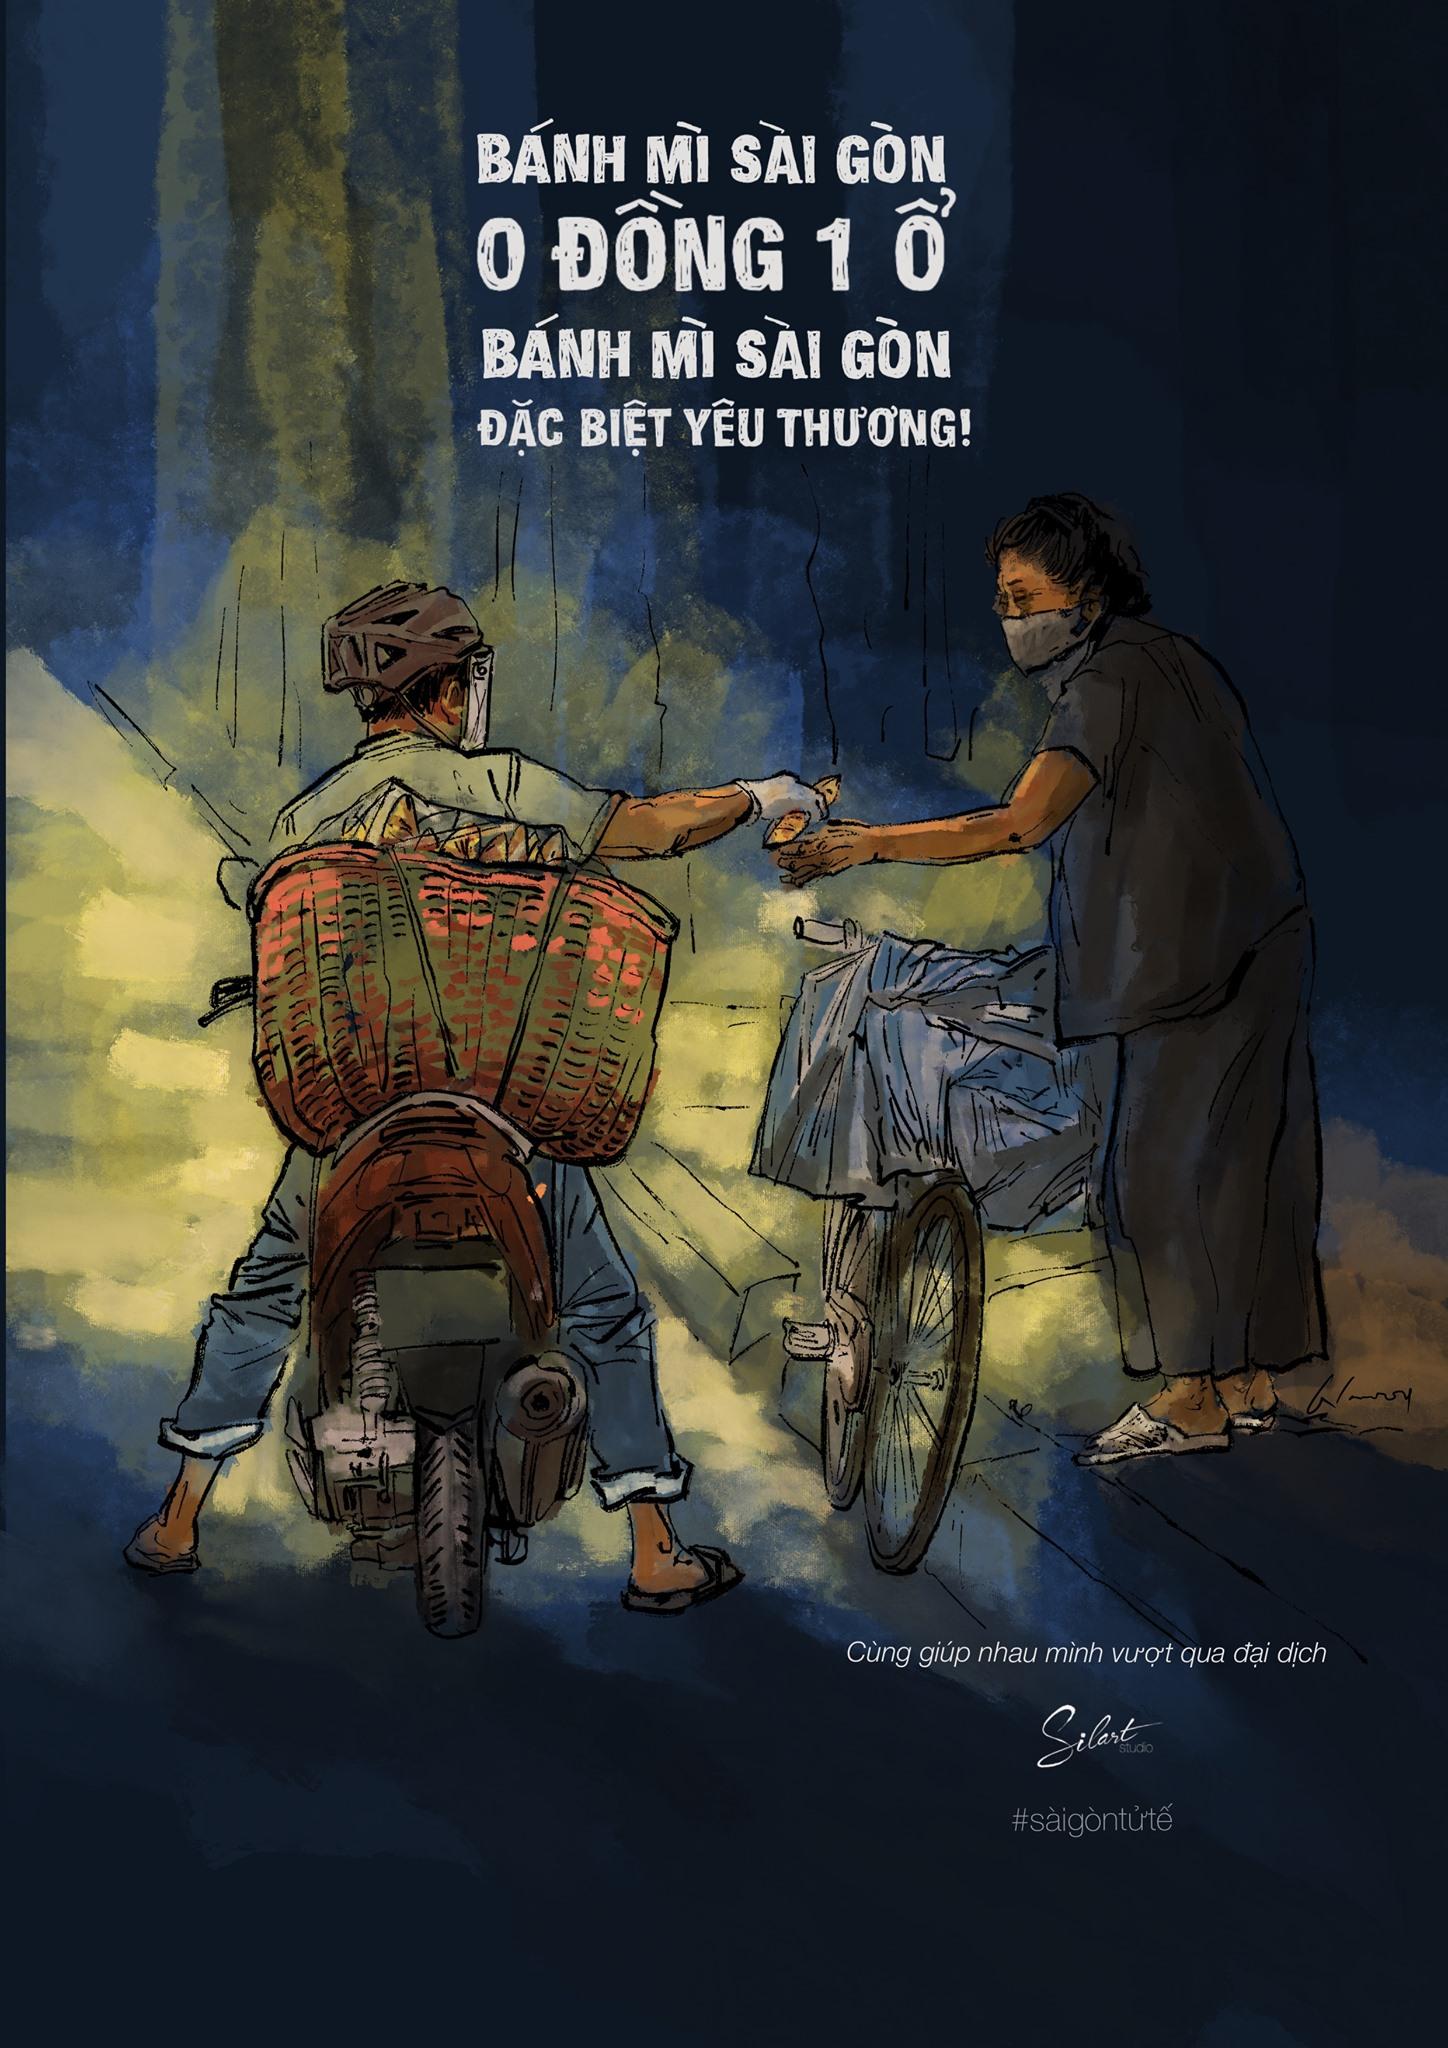 Hoạ sĩ Trần Trung Lĩnh vẽ một số tranh về tình người Sài Gòn trong những ngày tháng khó khăn vì dịch bệnh.